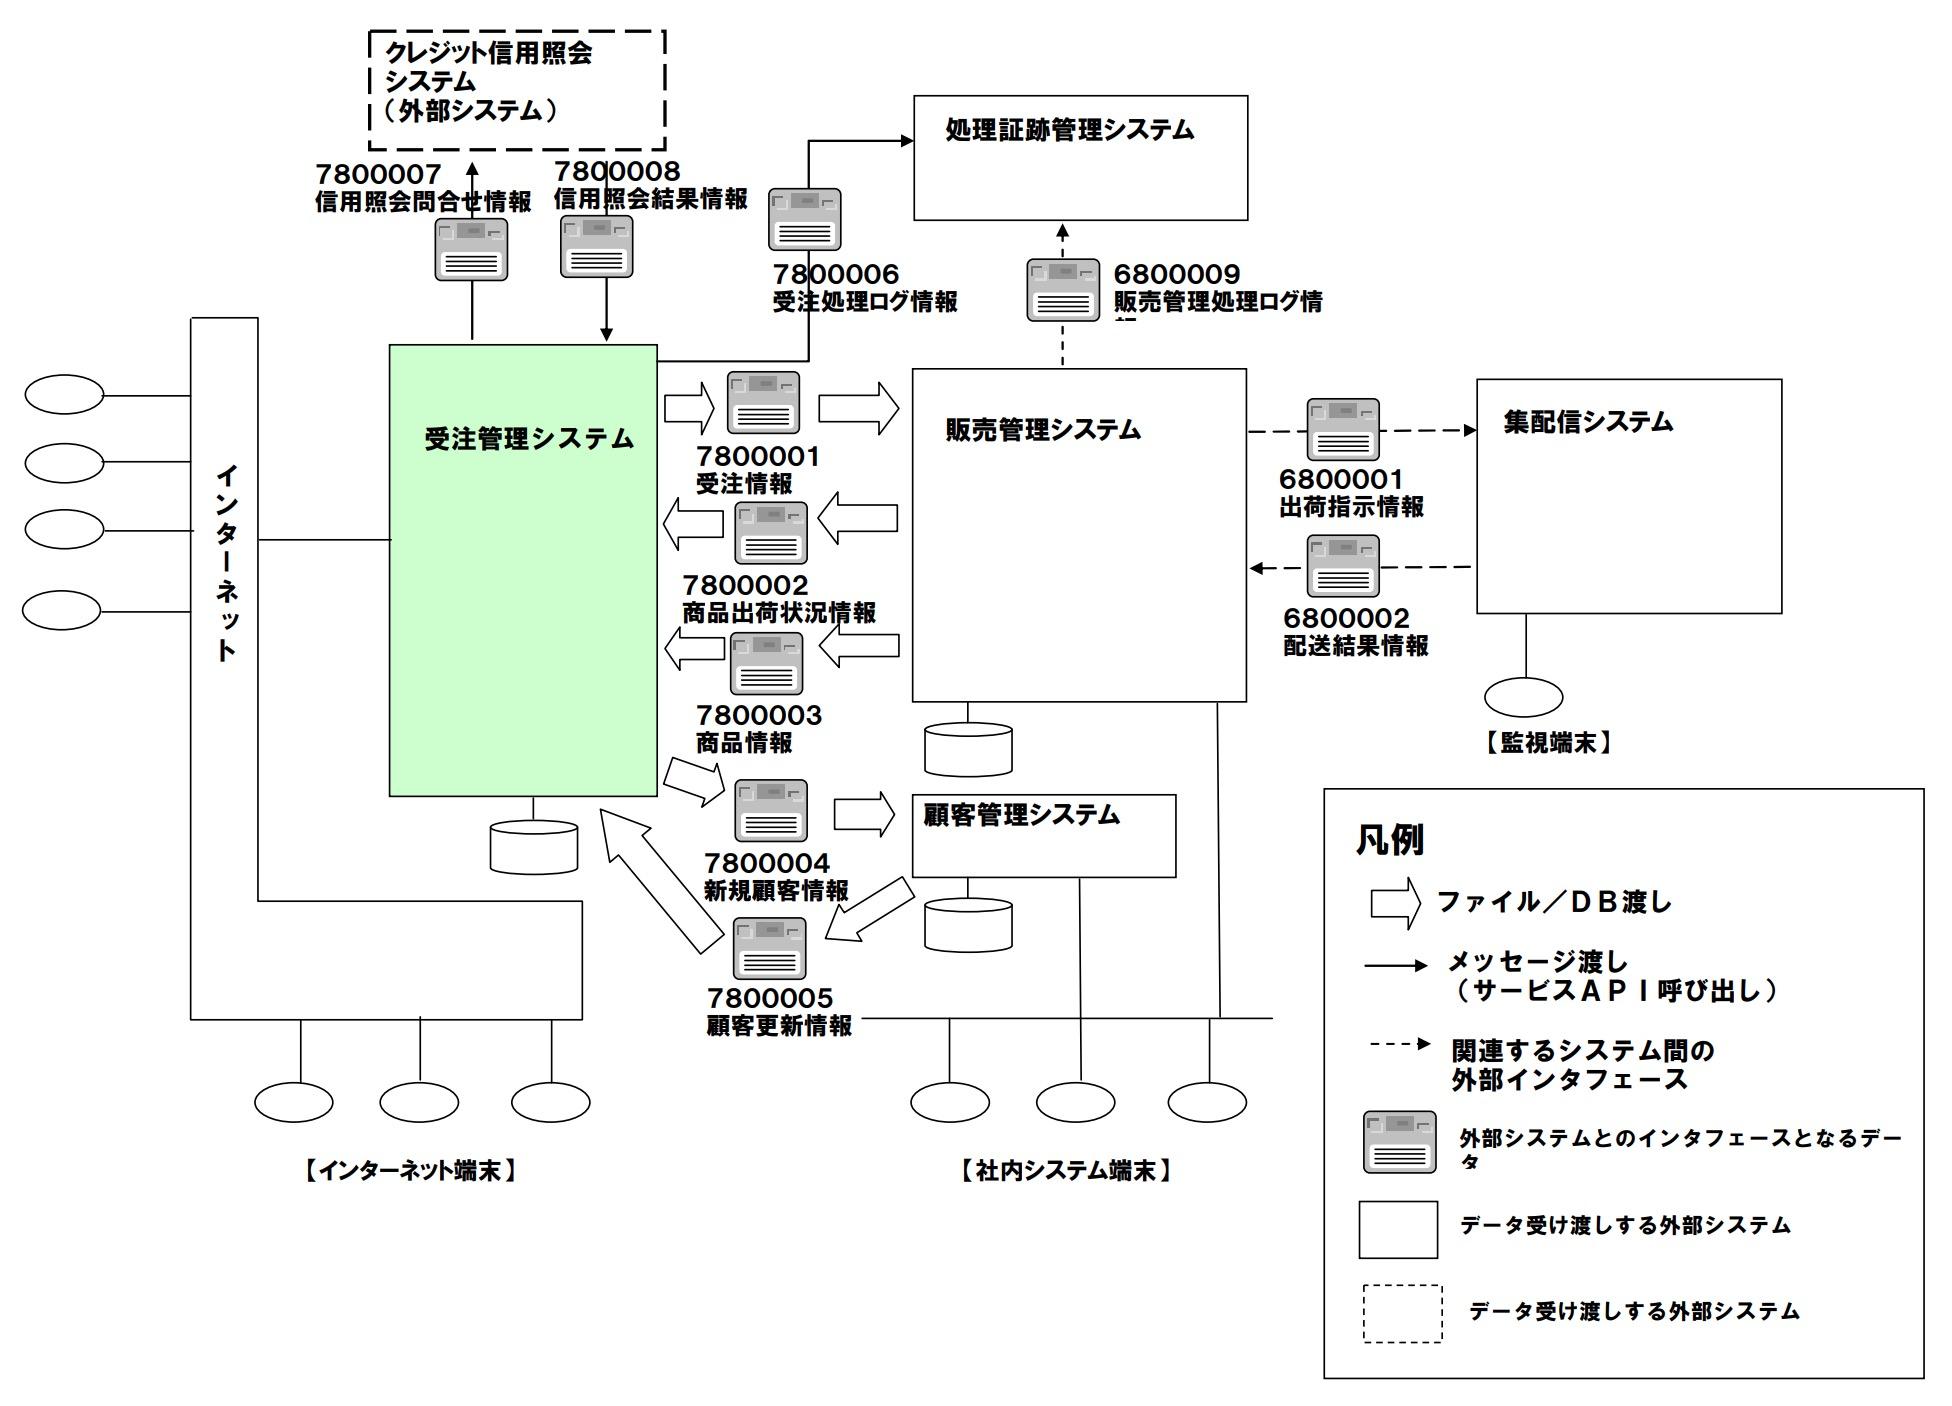 外部システム関連図(サンプル)